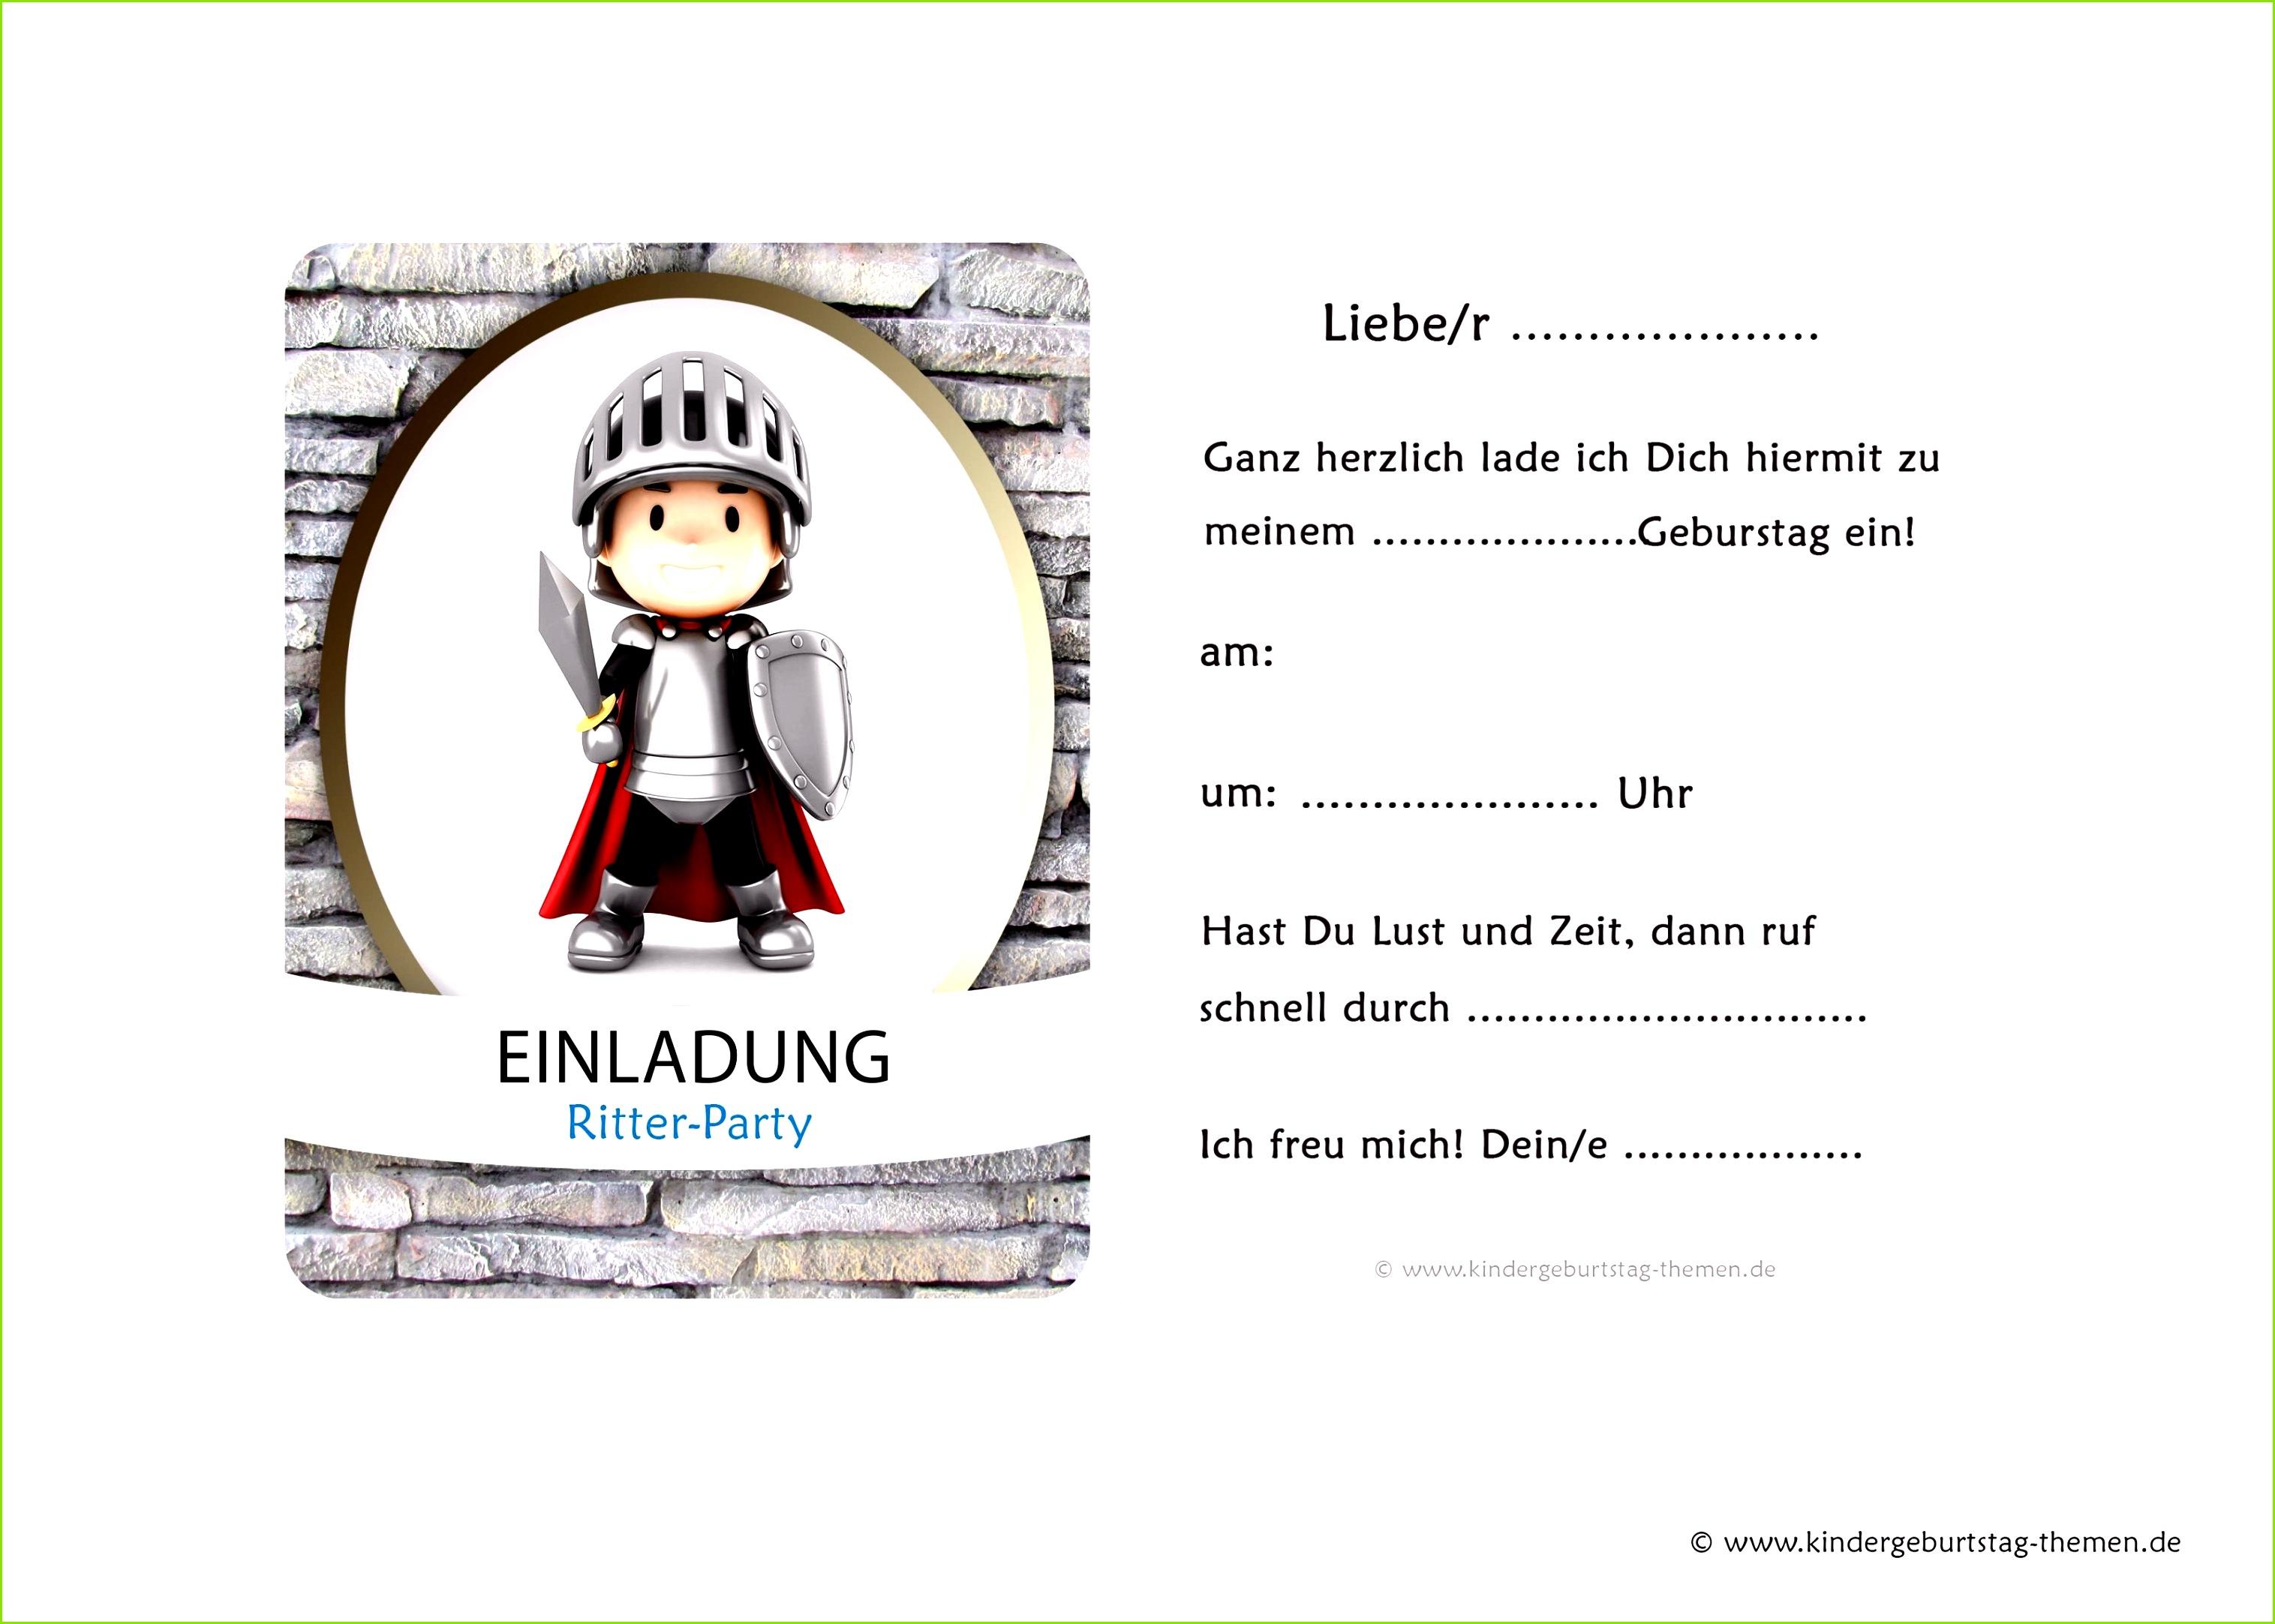 Einladung Kindergeburtstag Junge Beste Von Einladung Kindergeburtstag originell originelle Einladungskarten 0d Schön Einladung Kindergeburtstag Junge